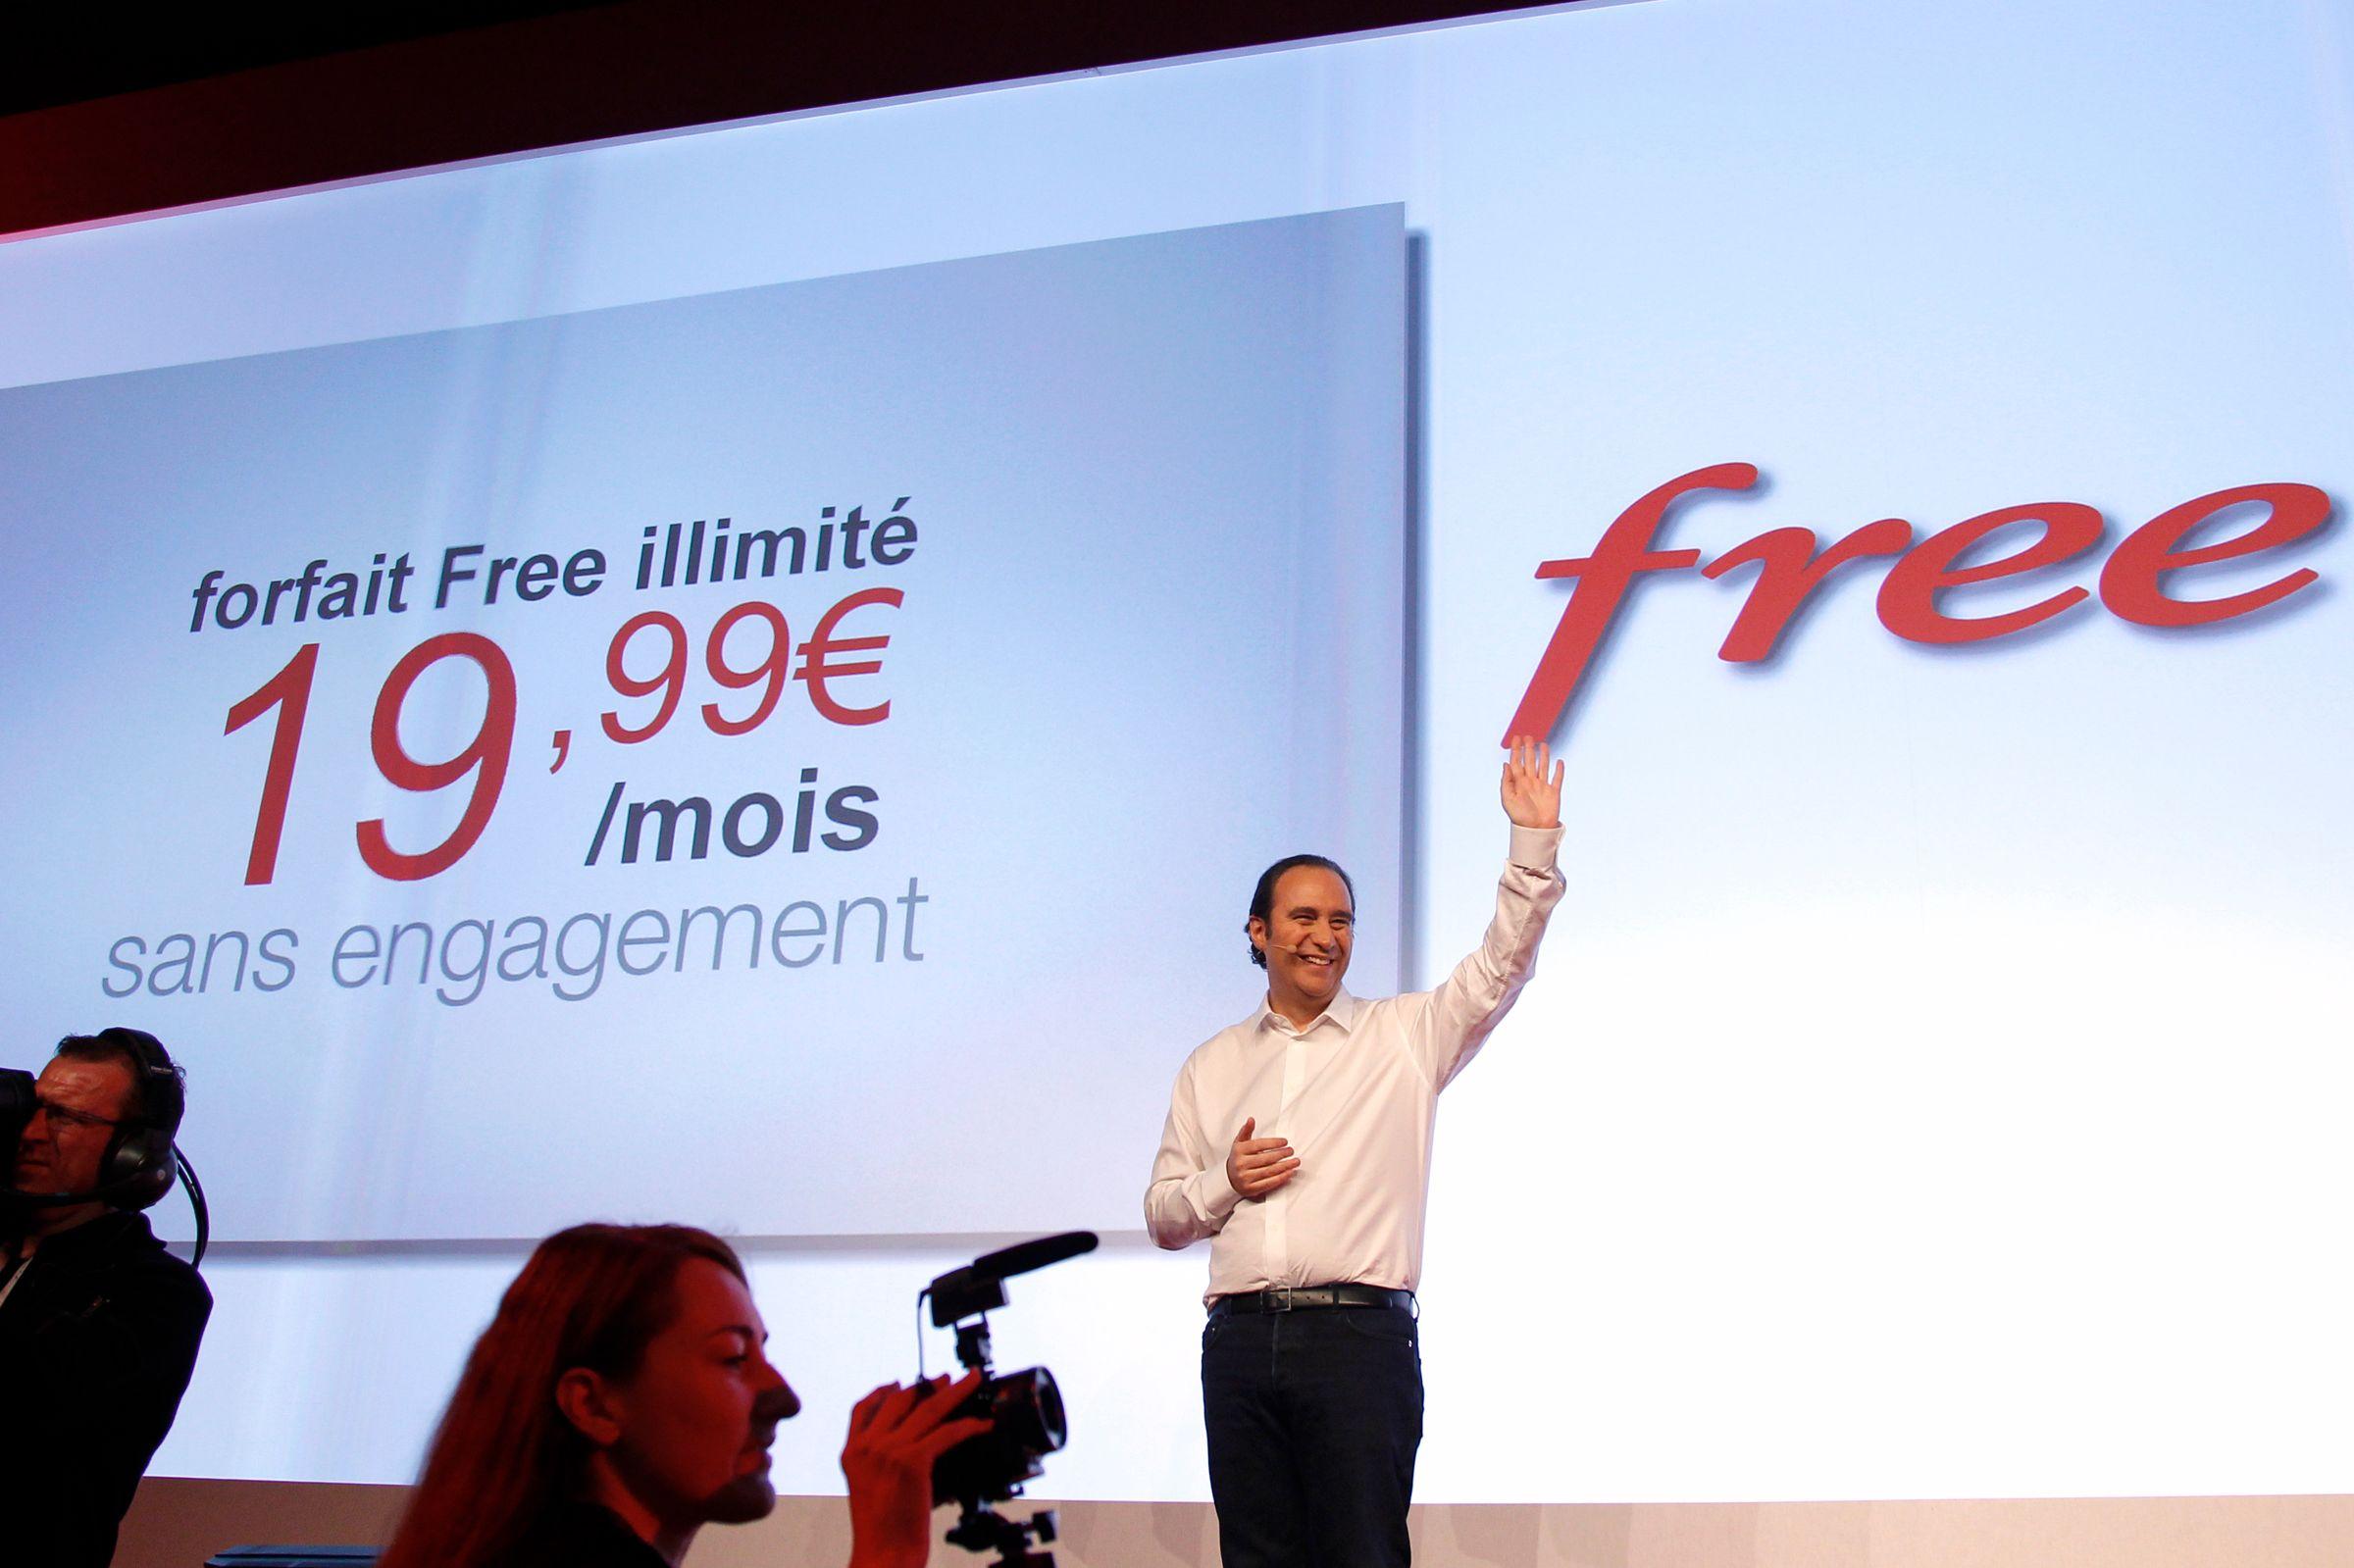 Depuis quelques semaines, Free Bouygues et Orange, proposent des offres mobiles en  roaming à prix réduit, peu avantageuses, selon Jacques Bonifay.